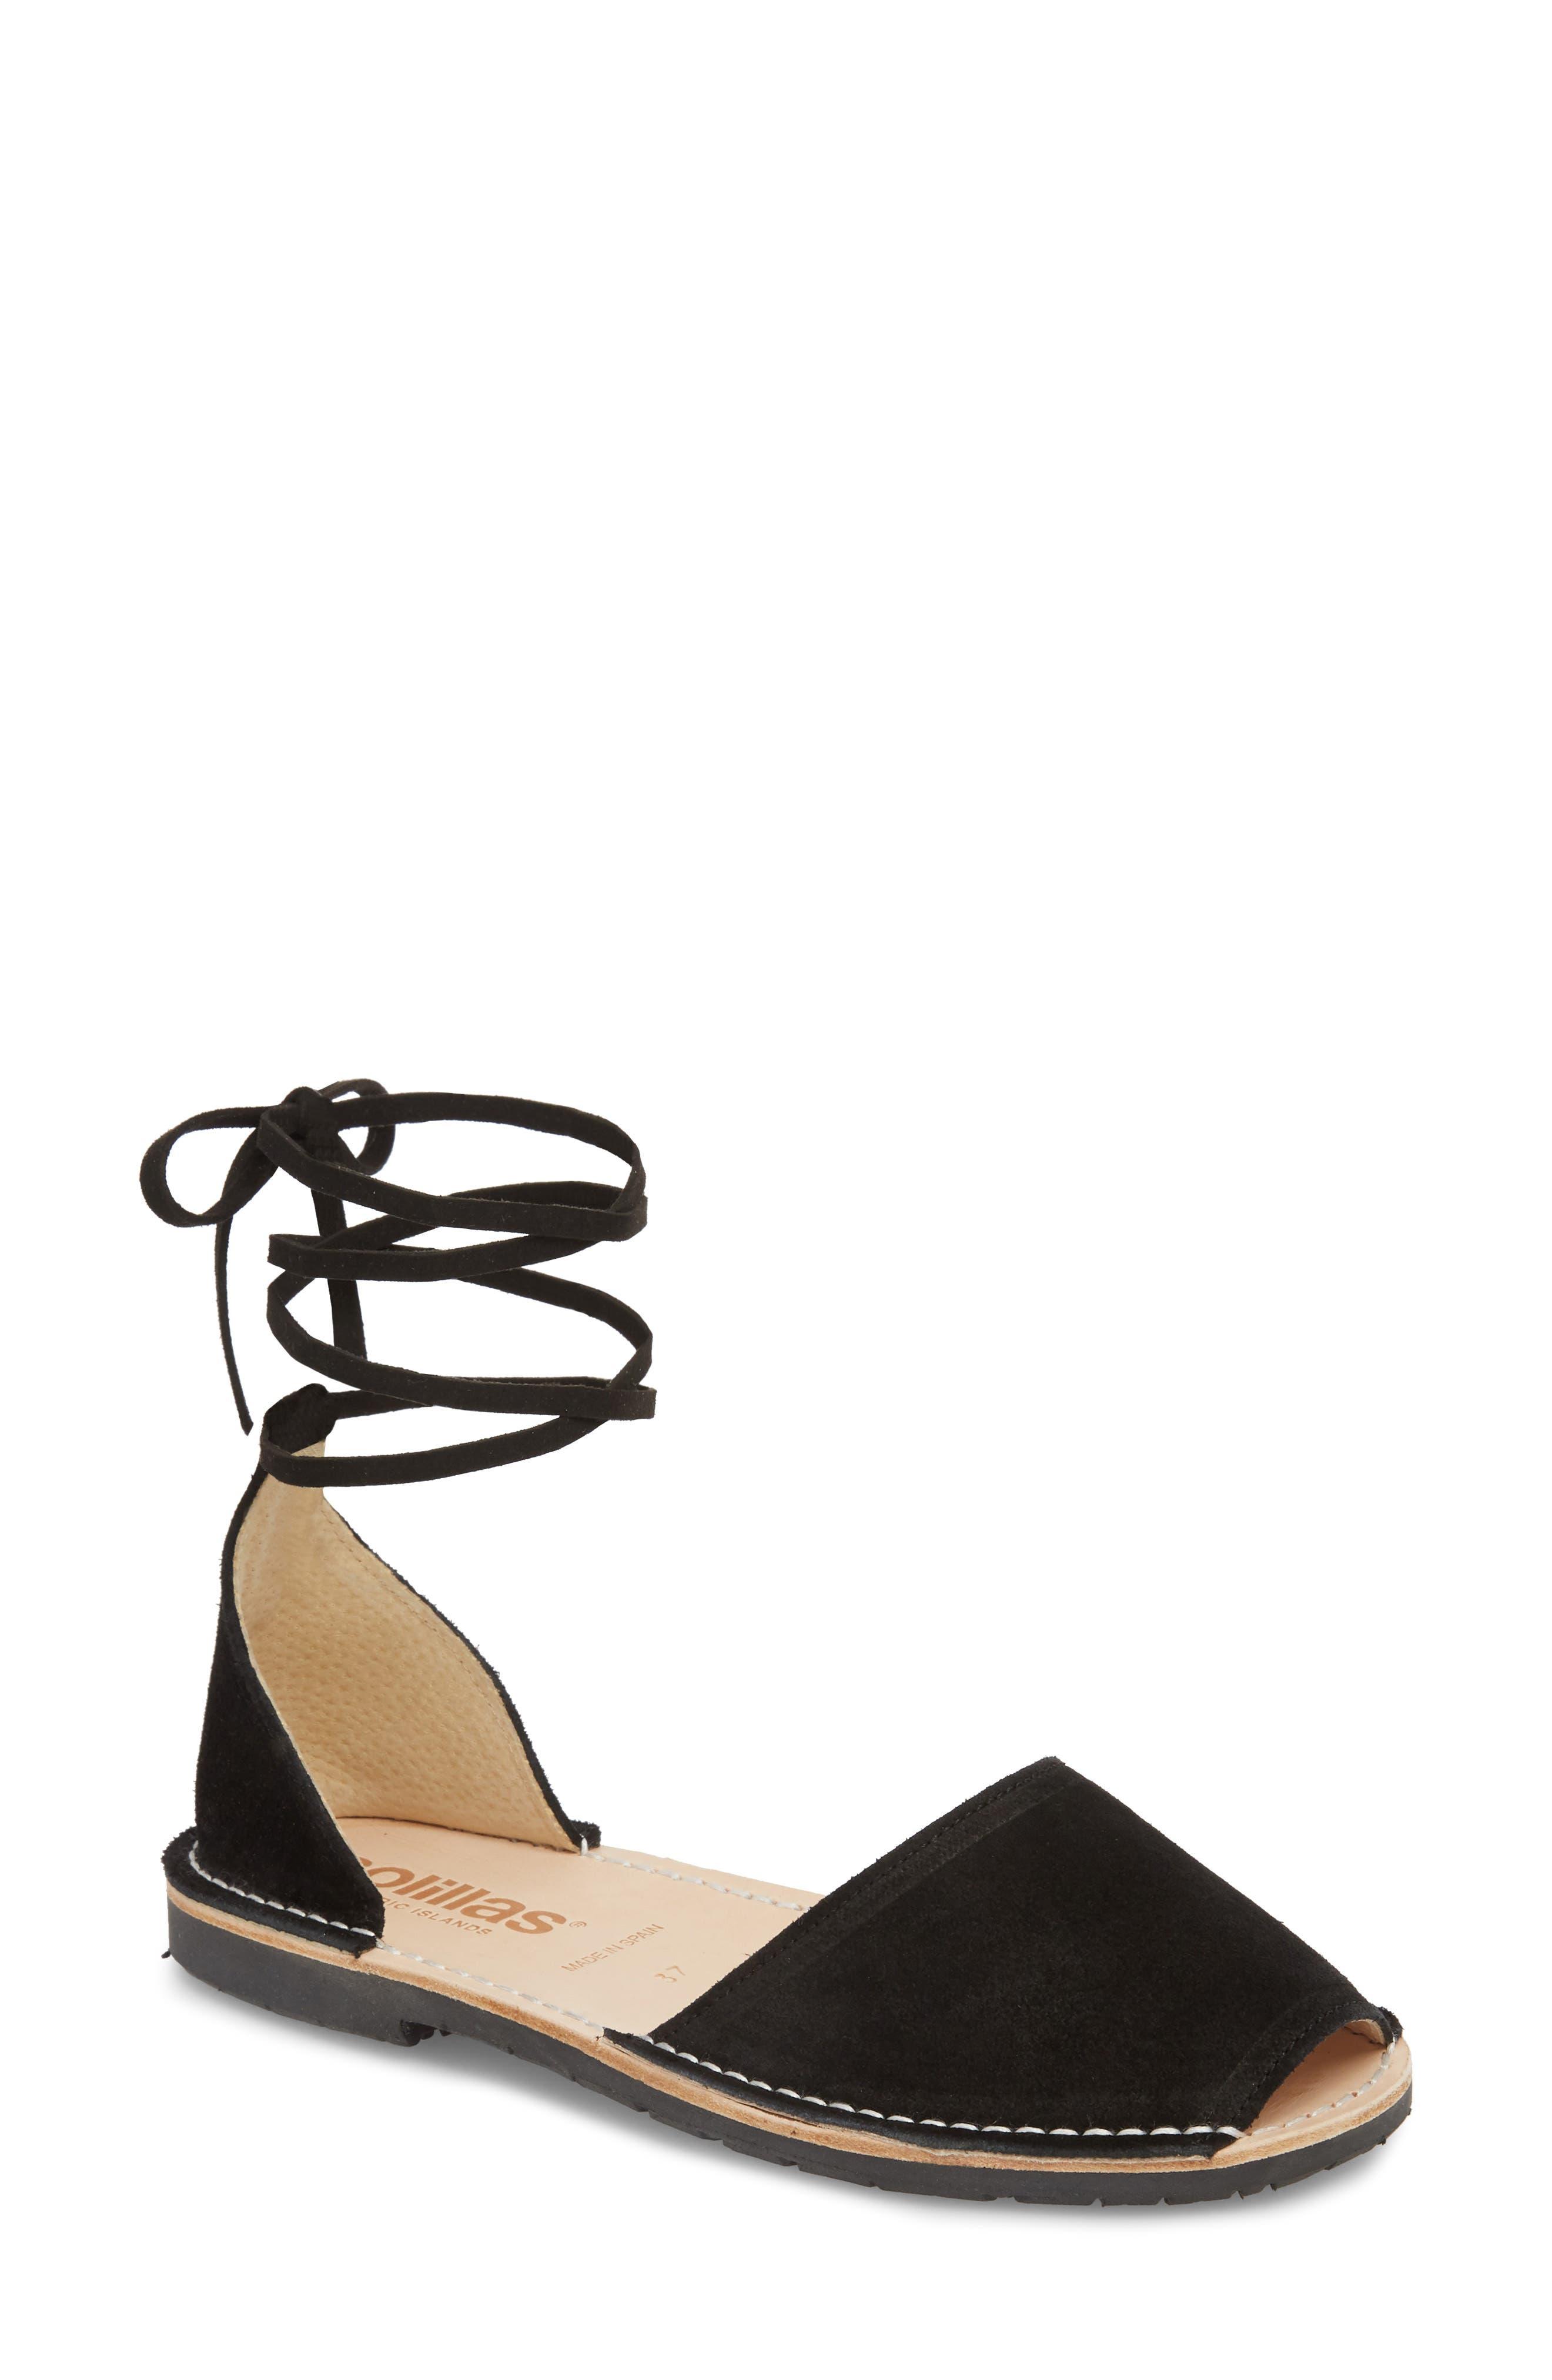 Ankle Tie Sandal,                         Main,                         color, Black